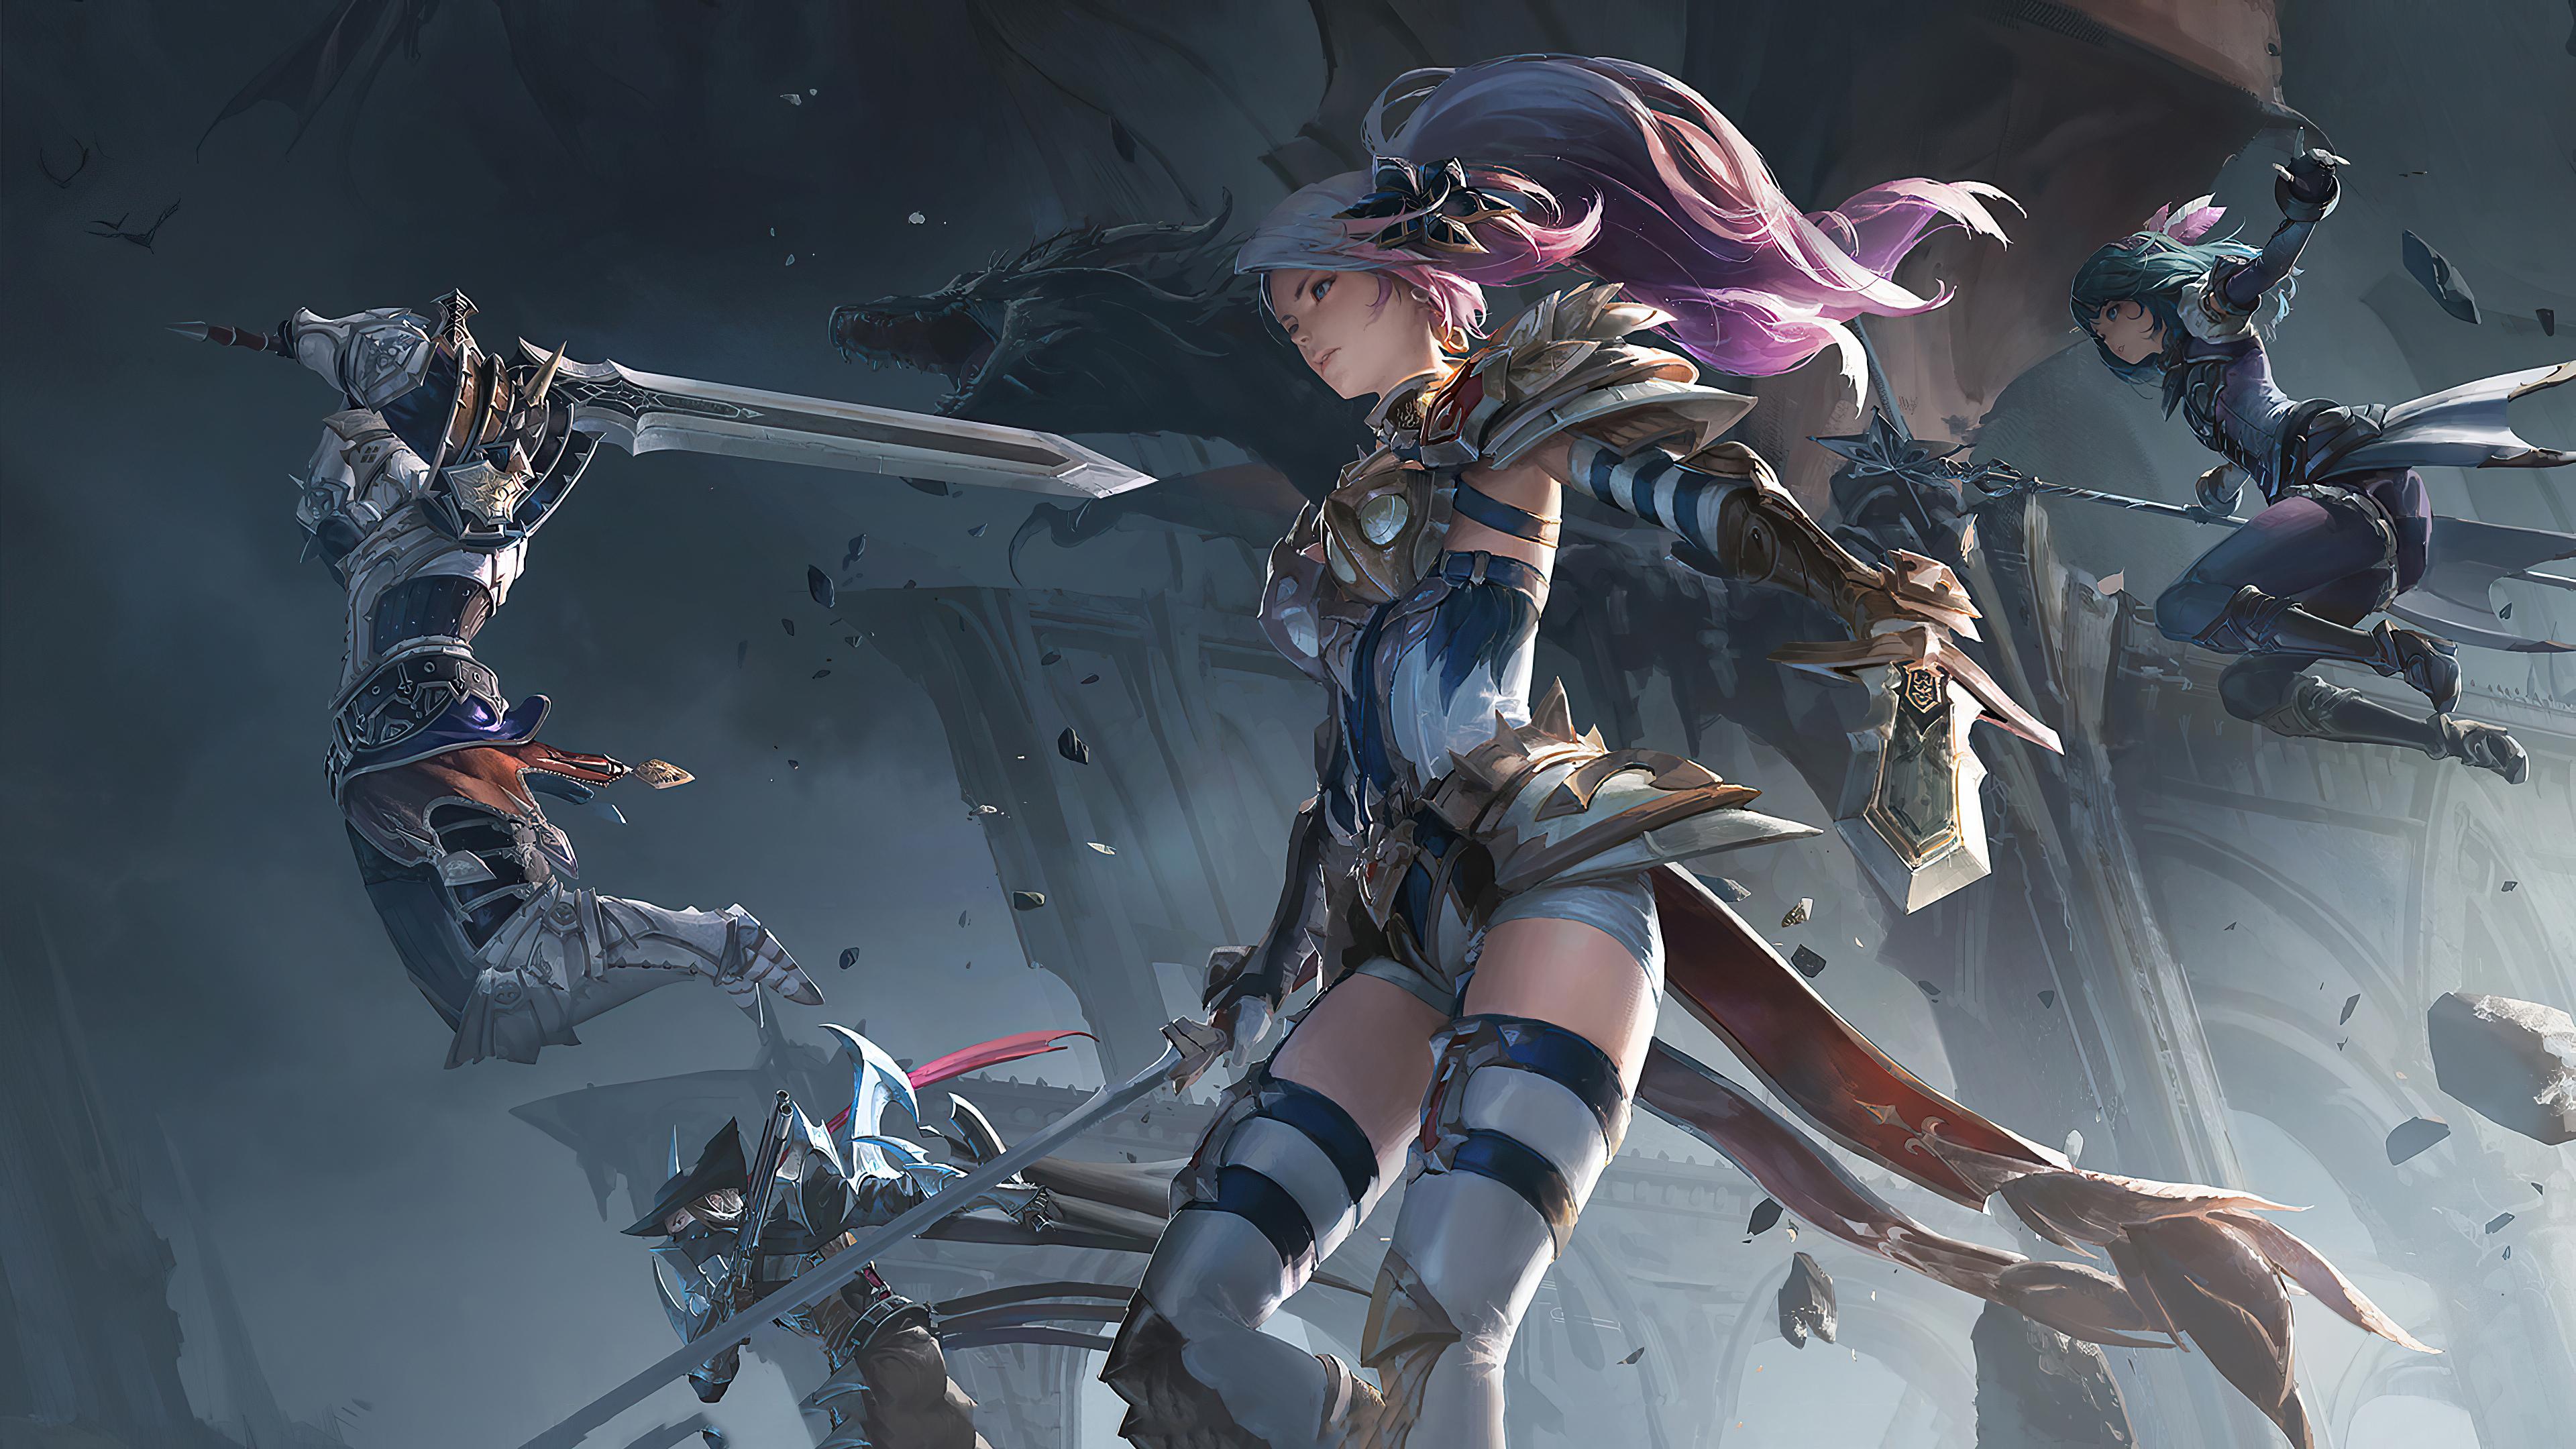 3840x2160 Anime Warrior Girl 4k 4k HD 4k Wallpapers ...